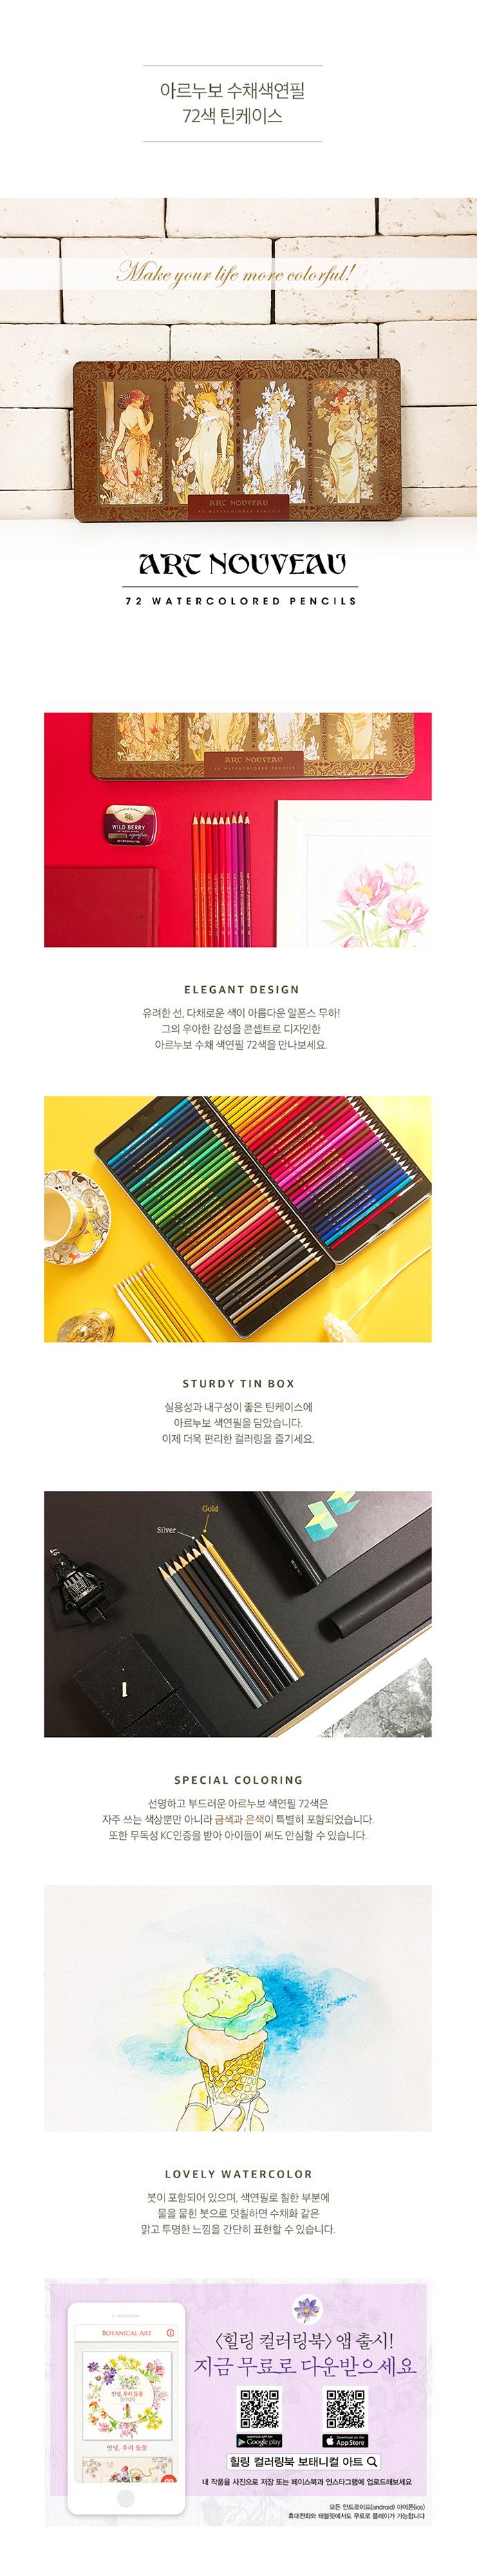 안녕, 우리 들꽃 컬러링북+아르누보 색연필 틴케이스 72색 도서 상세이미지